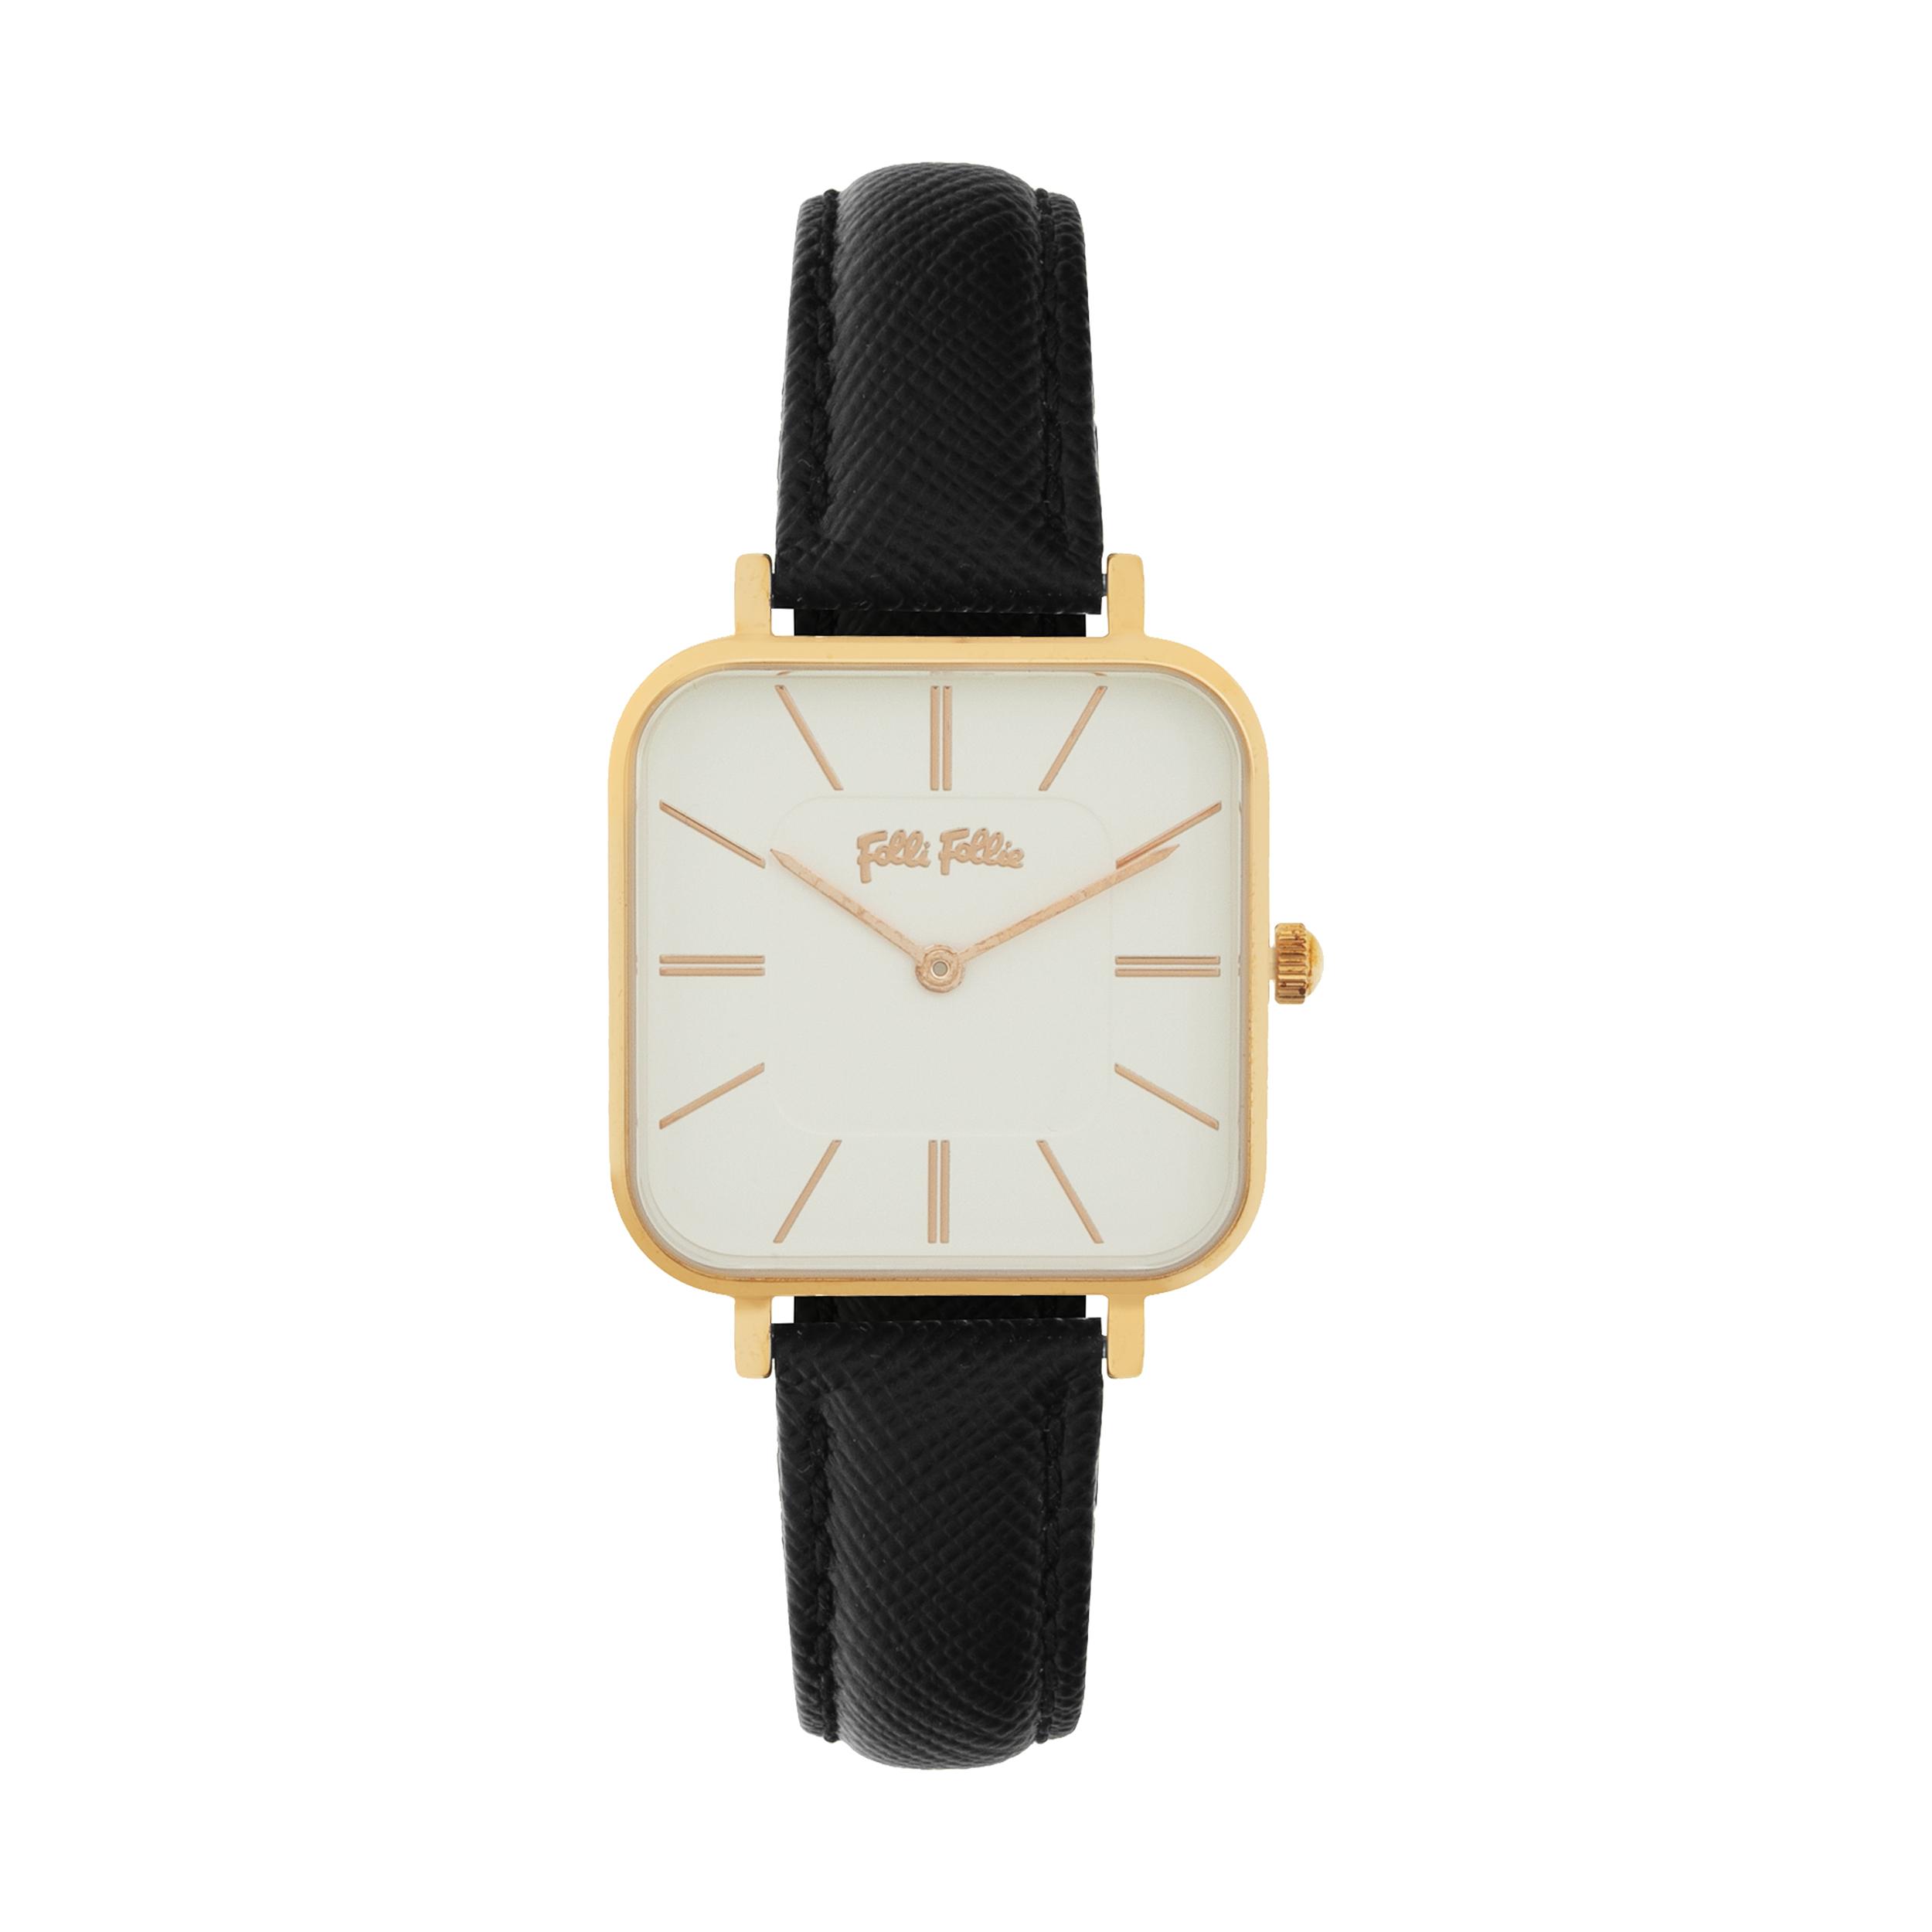 ساعت مچی عقربه ای زنانه فولی فولیه مدل WF18R007SPW-BK (بدون جعبه اورجینال)              خرید (⭐️⭐️⭐️)